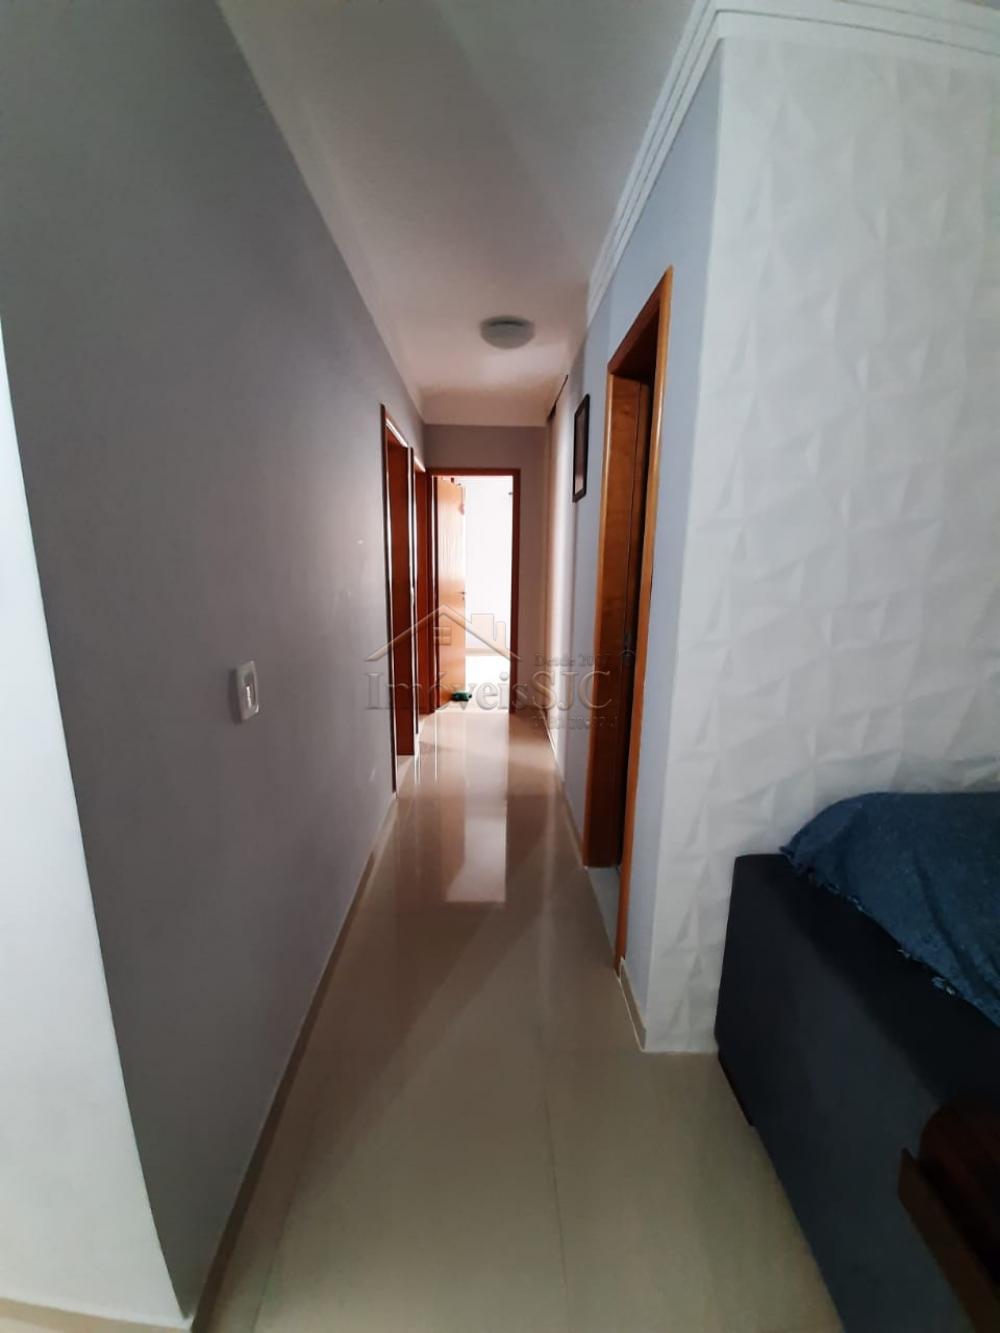 Comprar Apartamentos / Padrão em São José dos Campos apenas R$ 600.000,00 - Foto 7